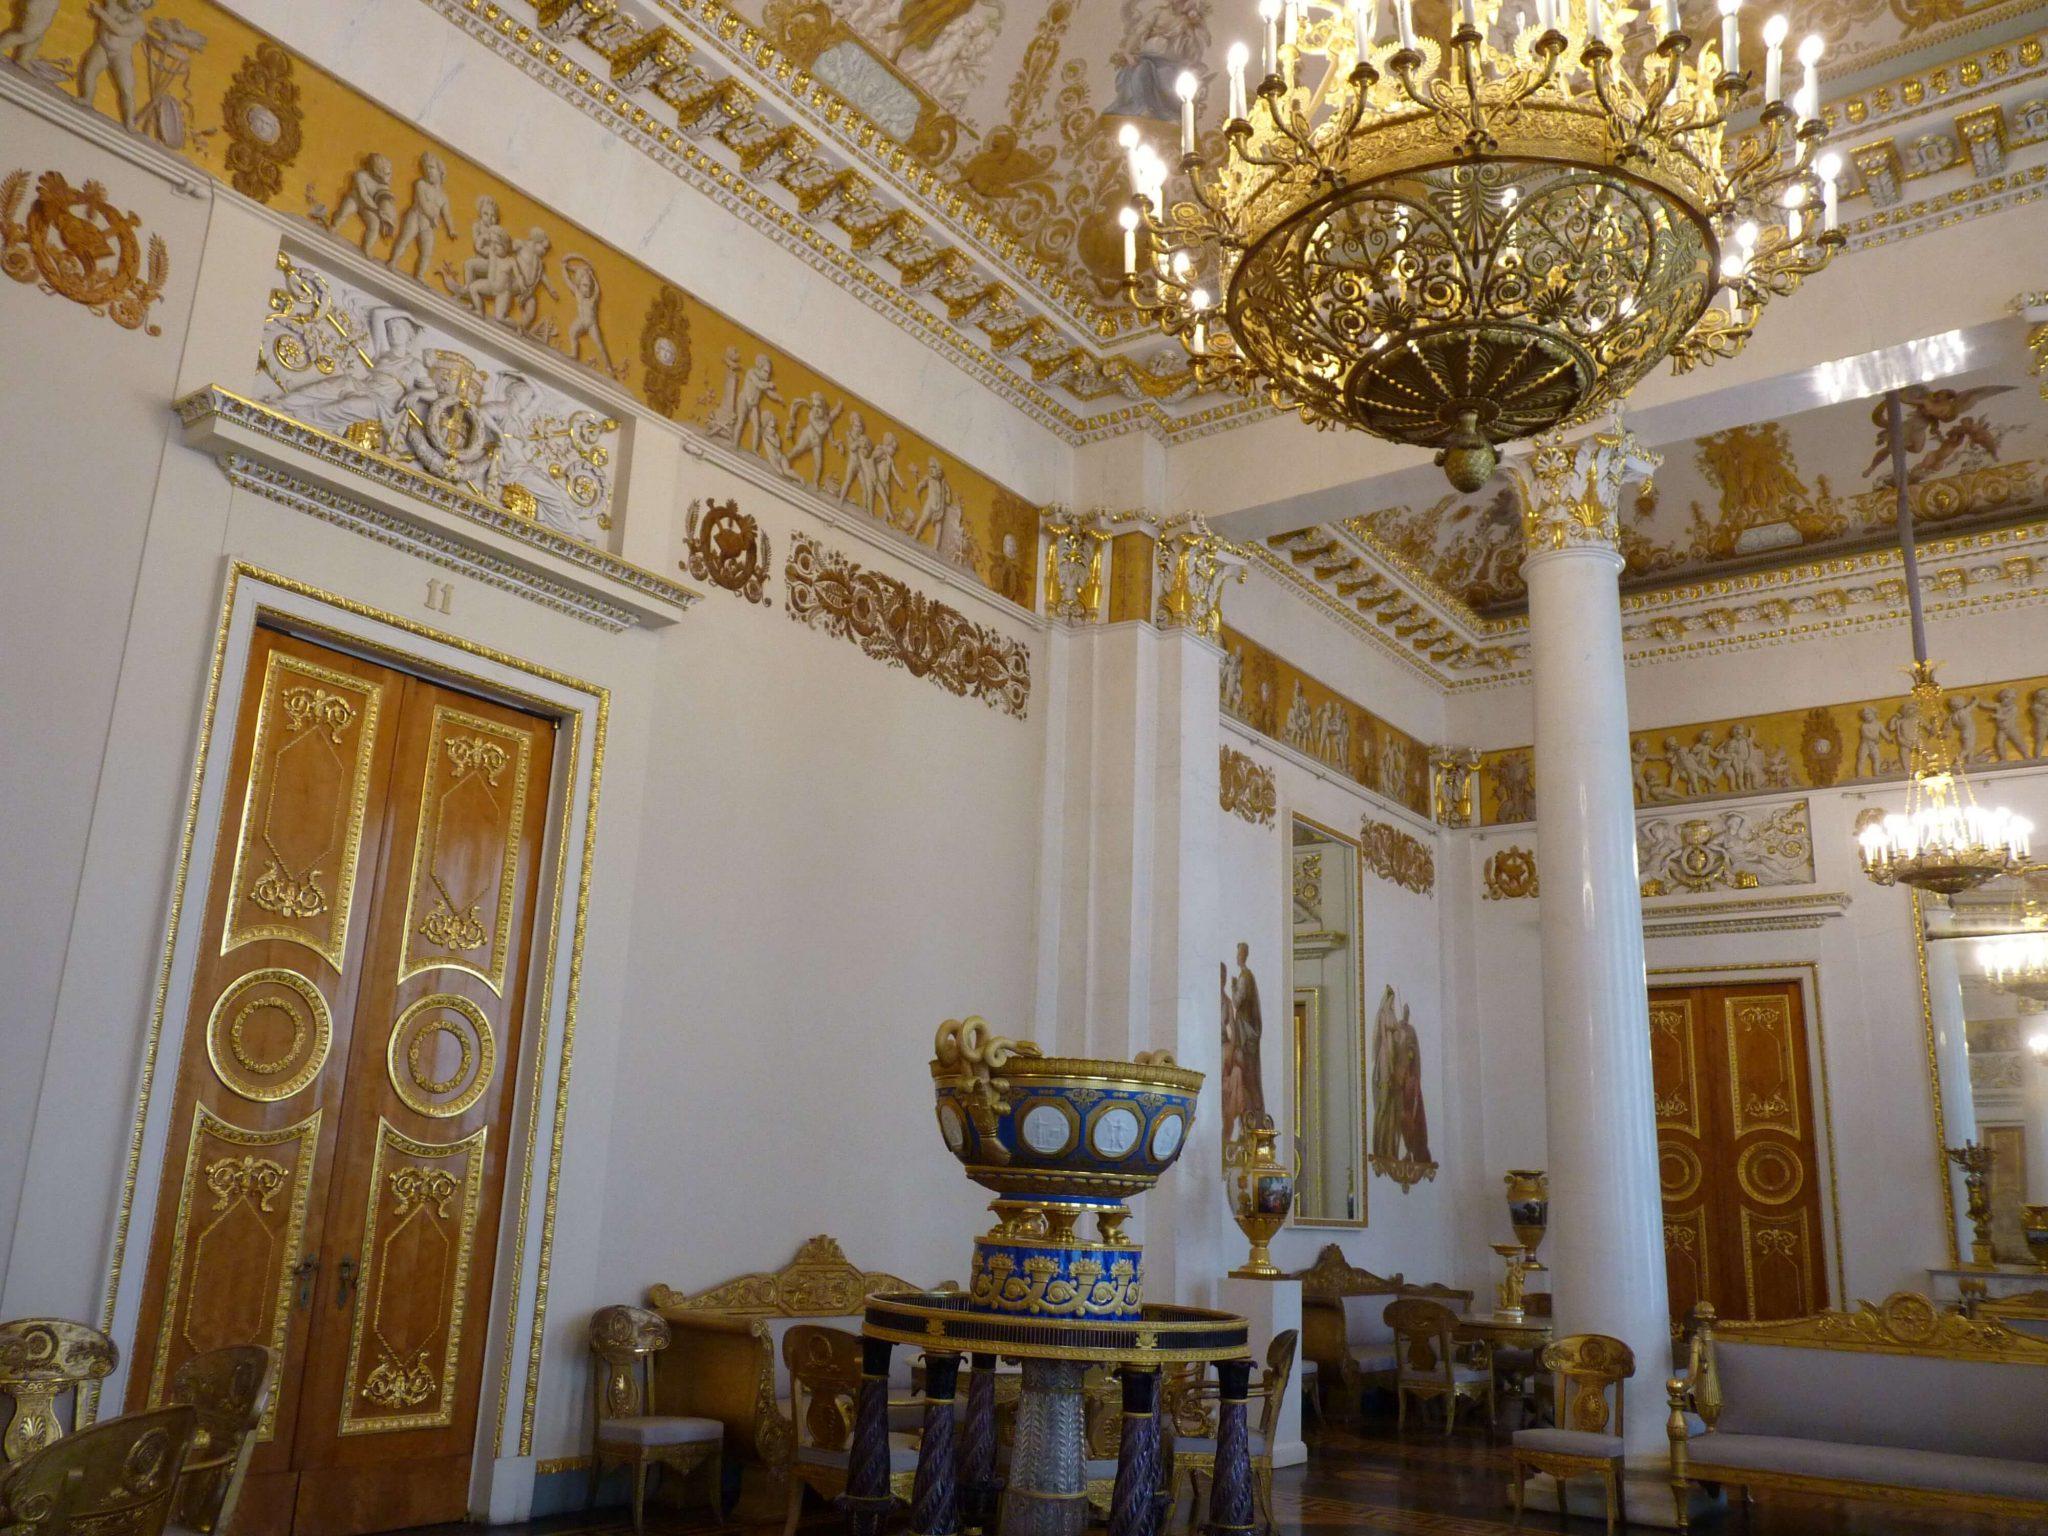 Museu Russo interior 02 São Petersburgo Rússia Mundo Indefinido